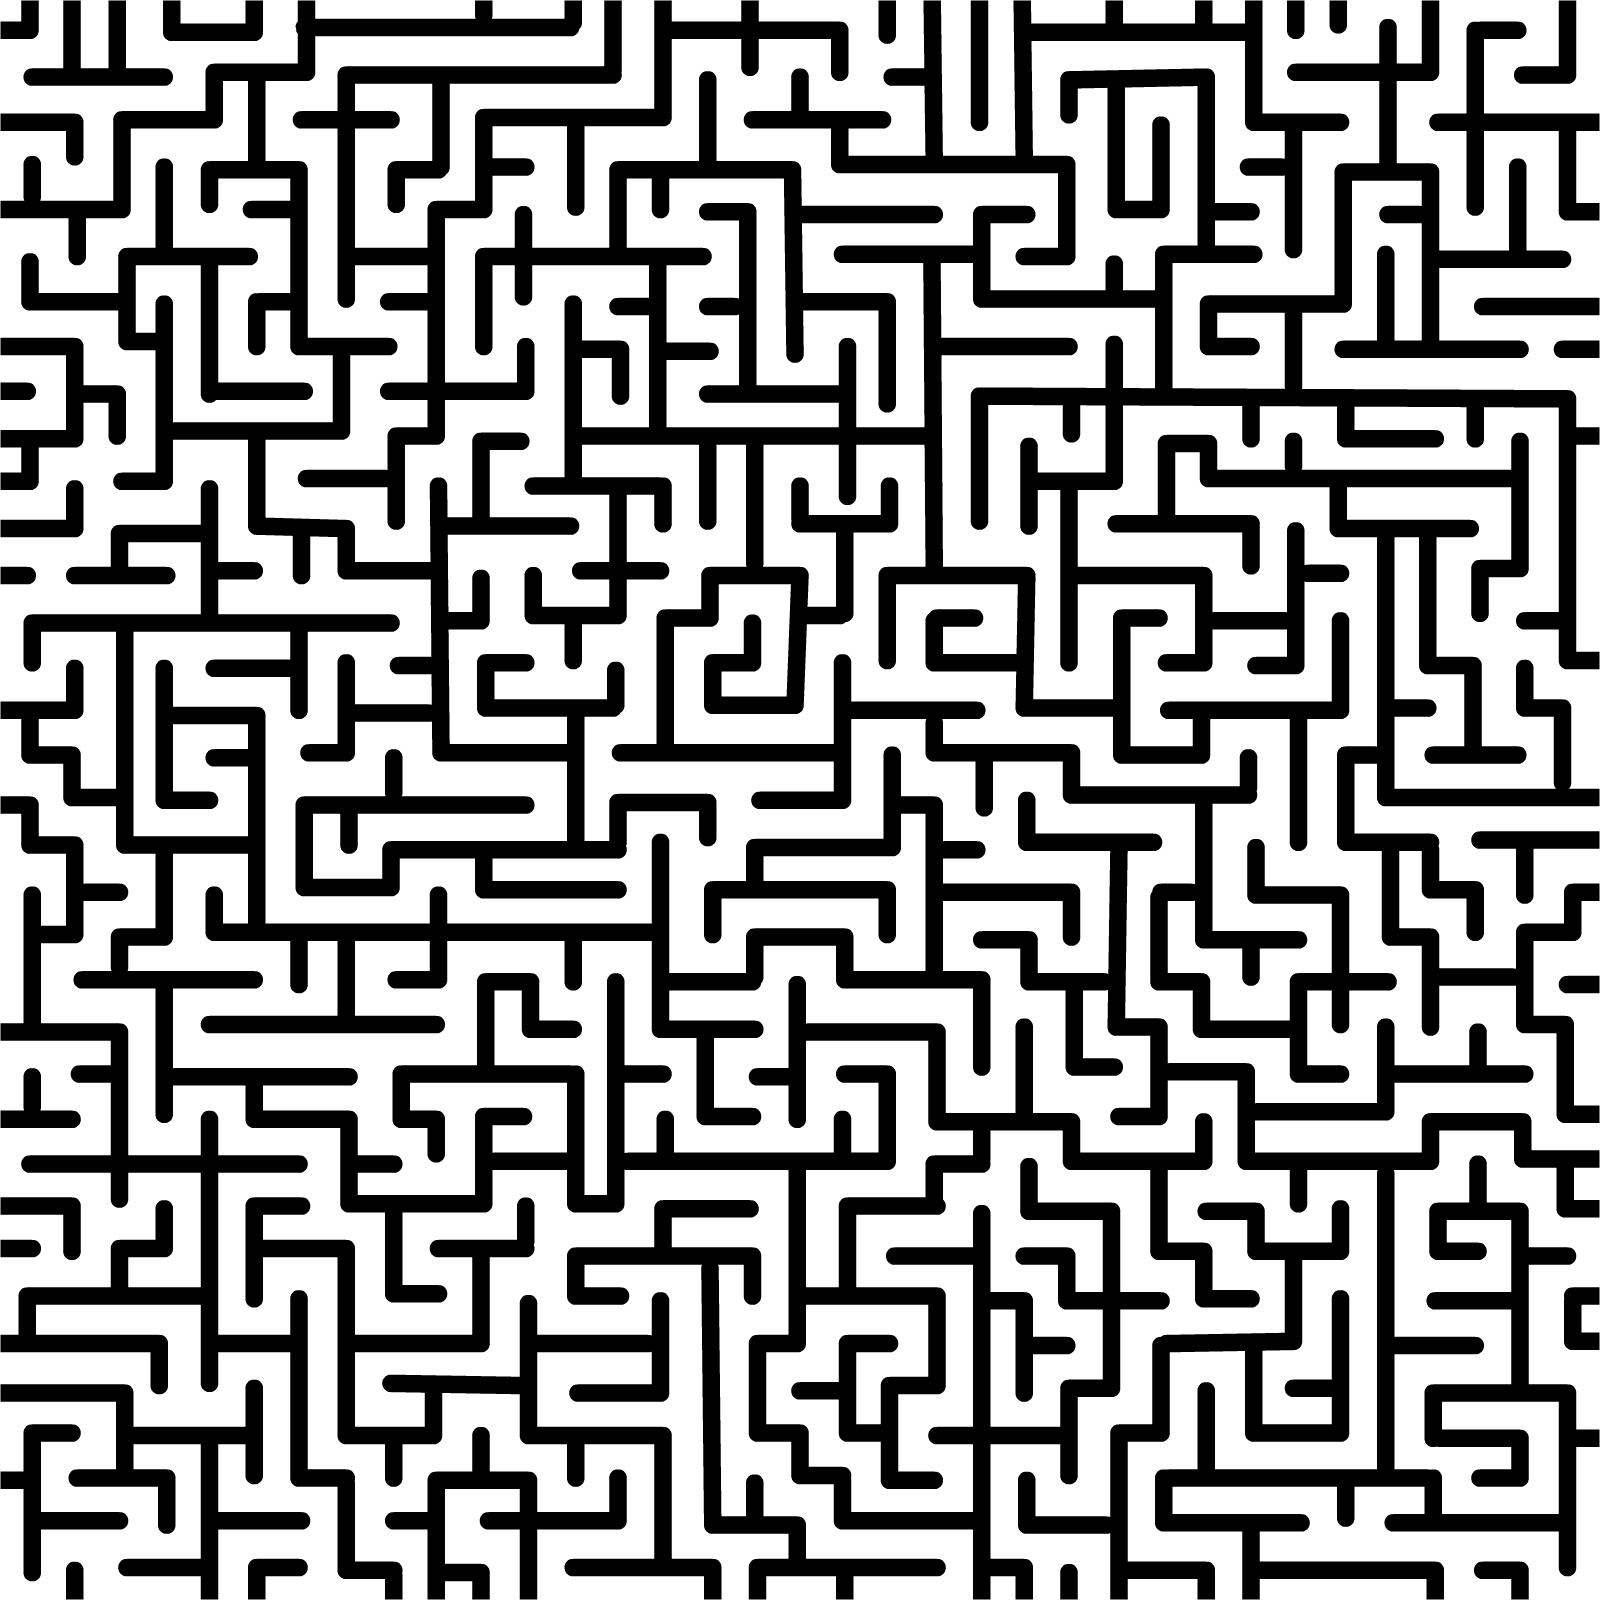 Drawn maze Me maze A A »